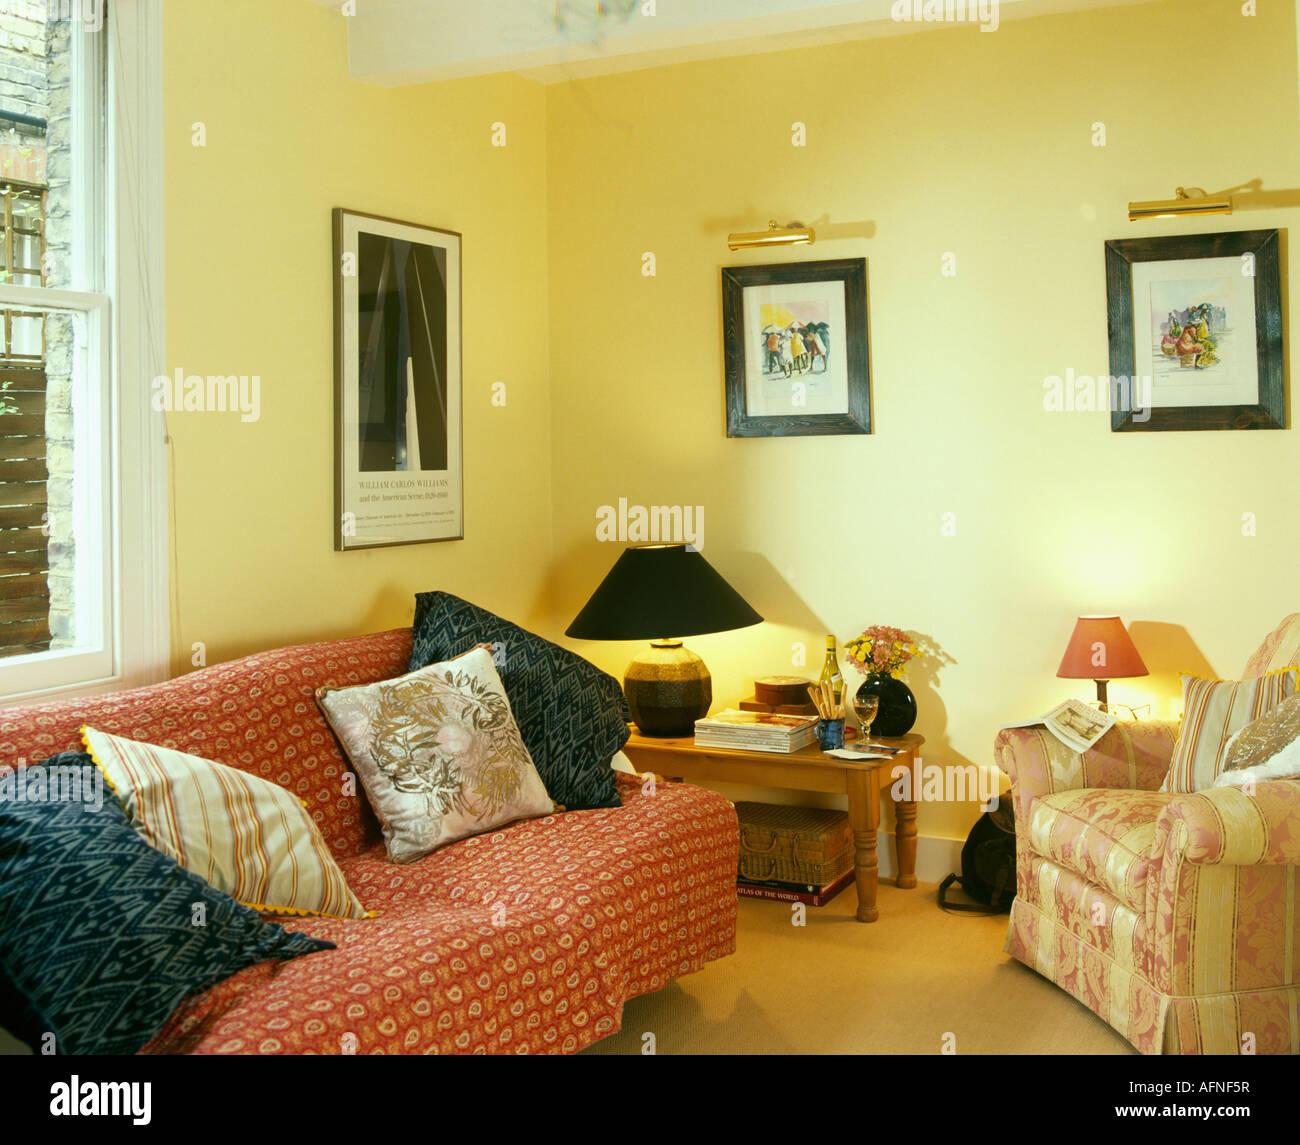 https://c8.alamy.com/compde/afnf5r/pastell-gelb-wohnzimmer-mit-lampe-auf-dem-tisch-in-der-ecke-und-gemusterten-rot-zu-werfen-auf-dem-sofa-afnf5r.jpg